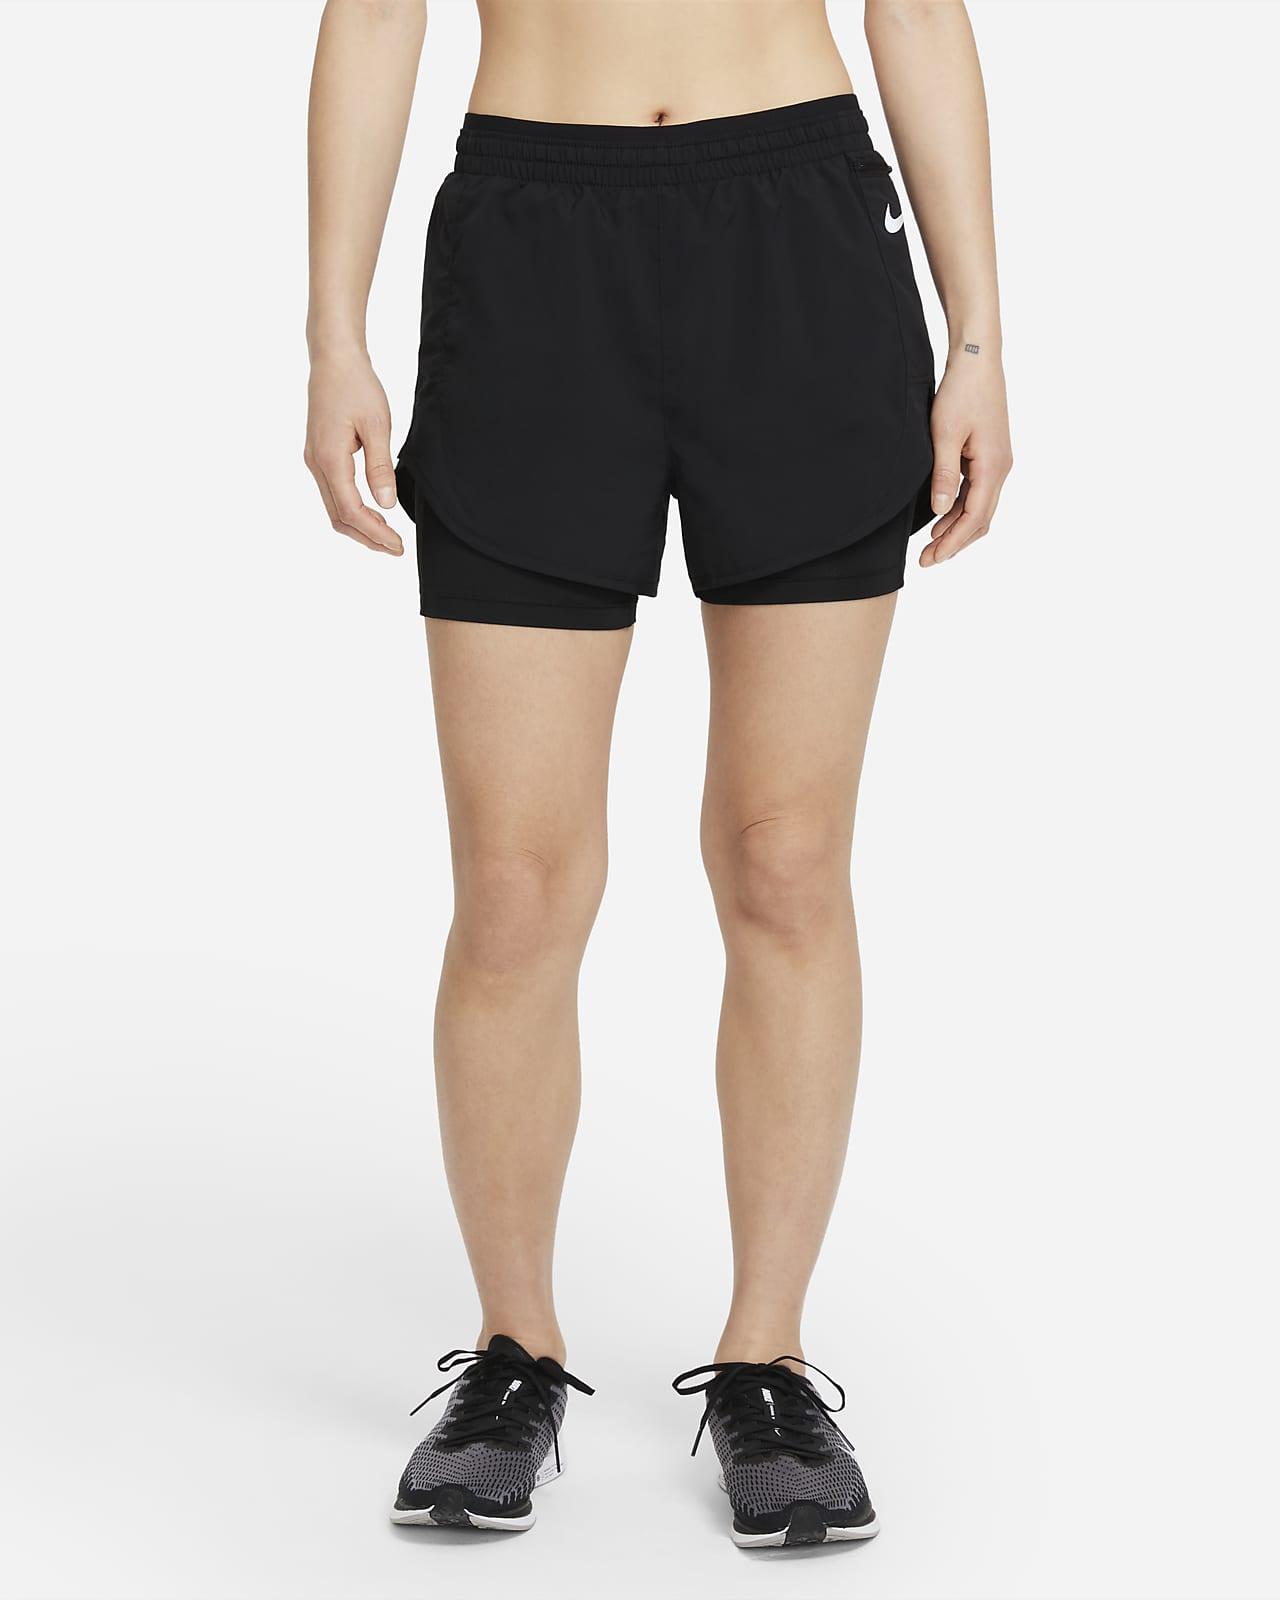 กางเกงวิ่งขาสั้น 2-In-1 ผู้หญิง Nike Tempo Luxe